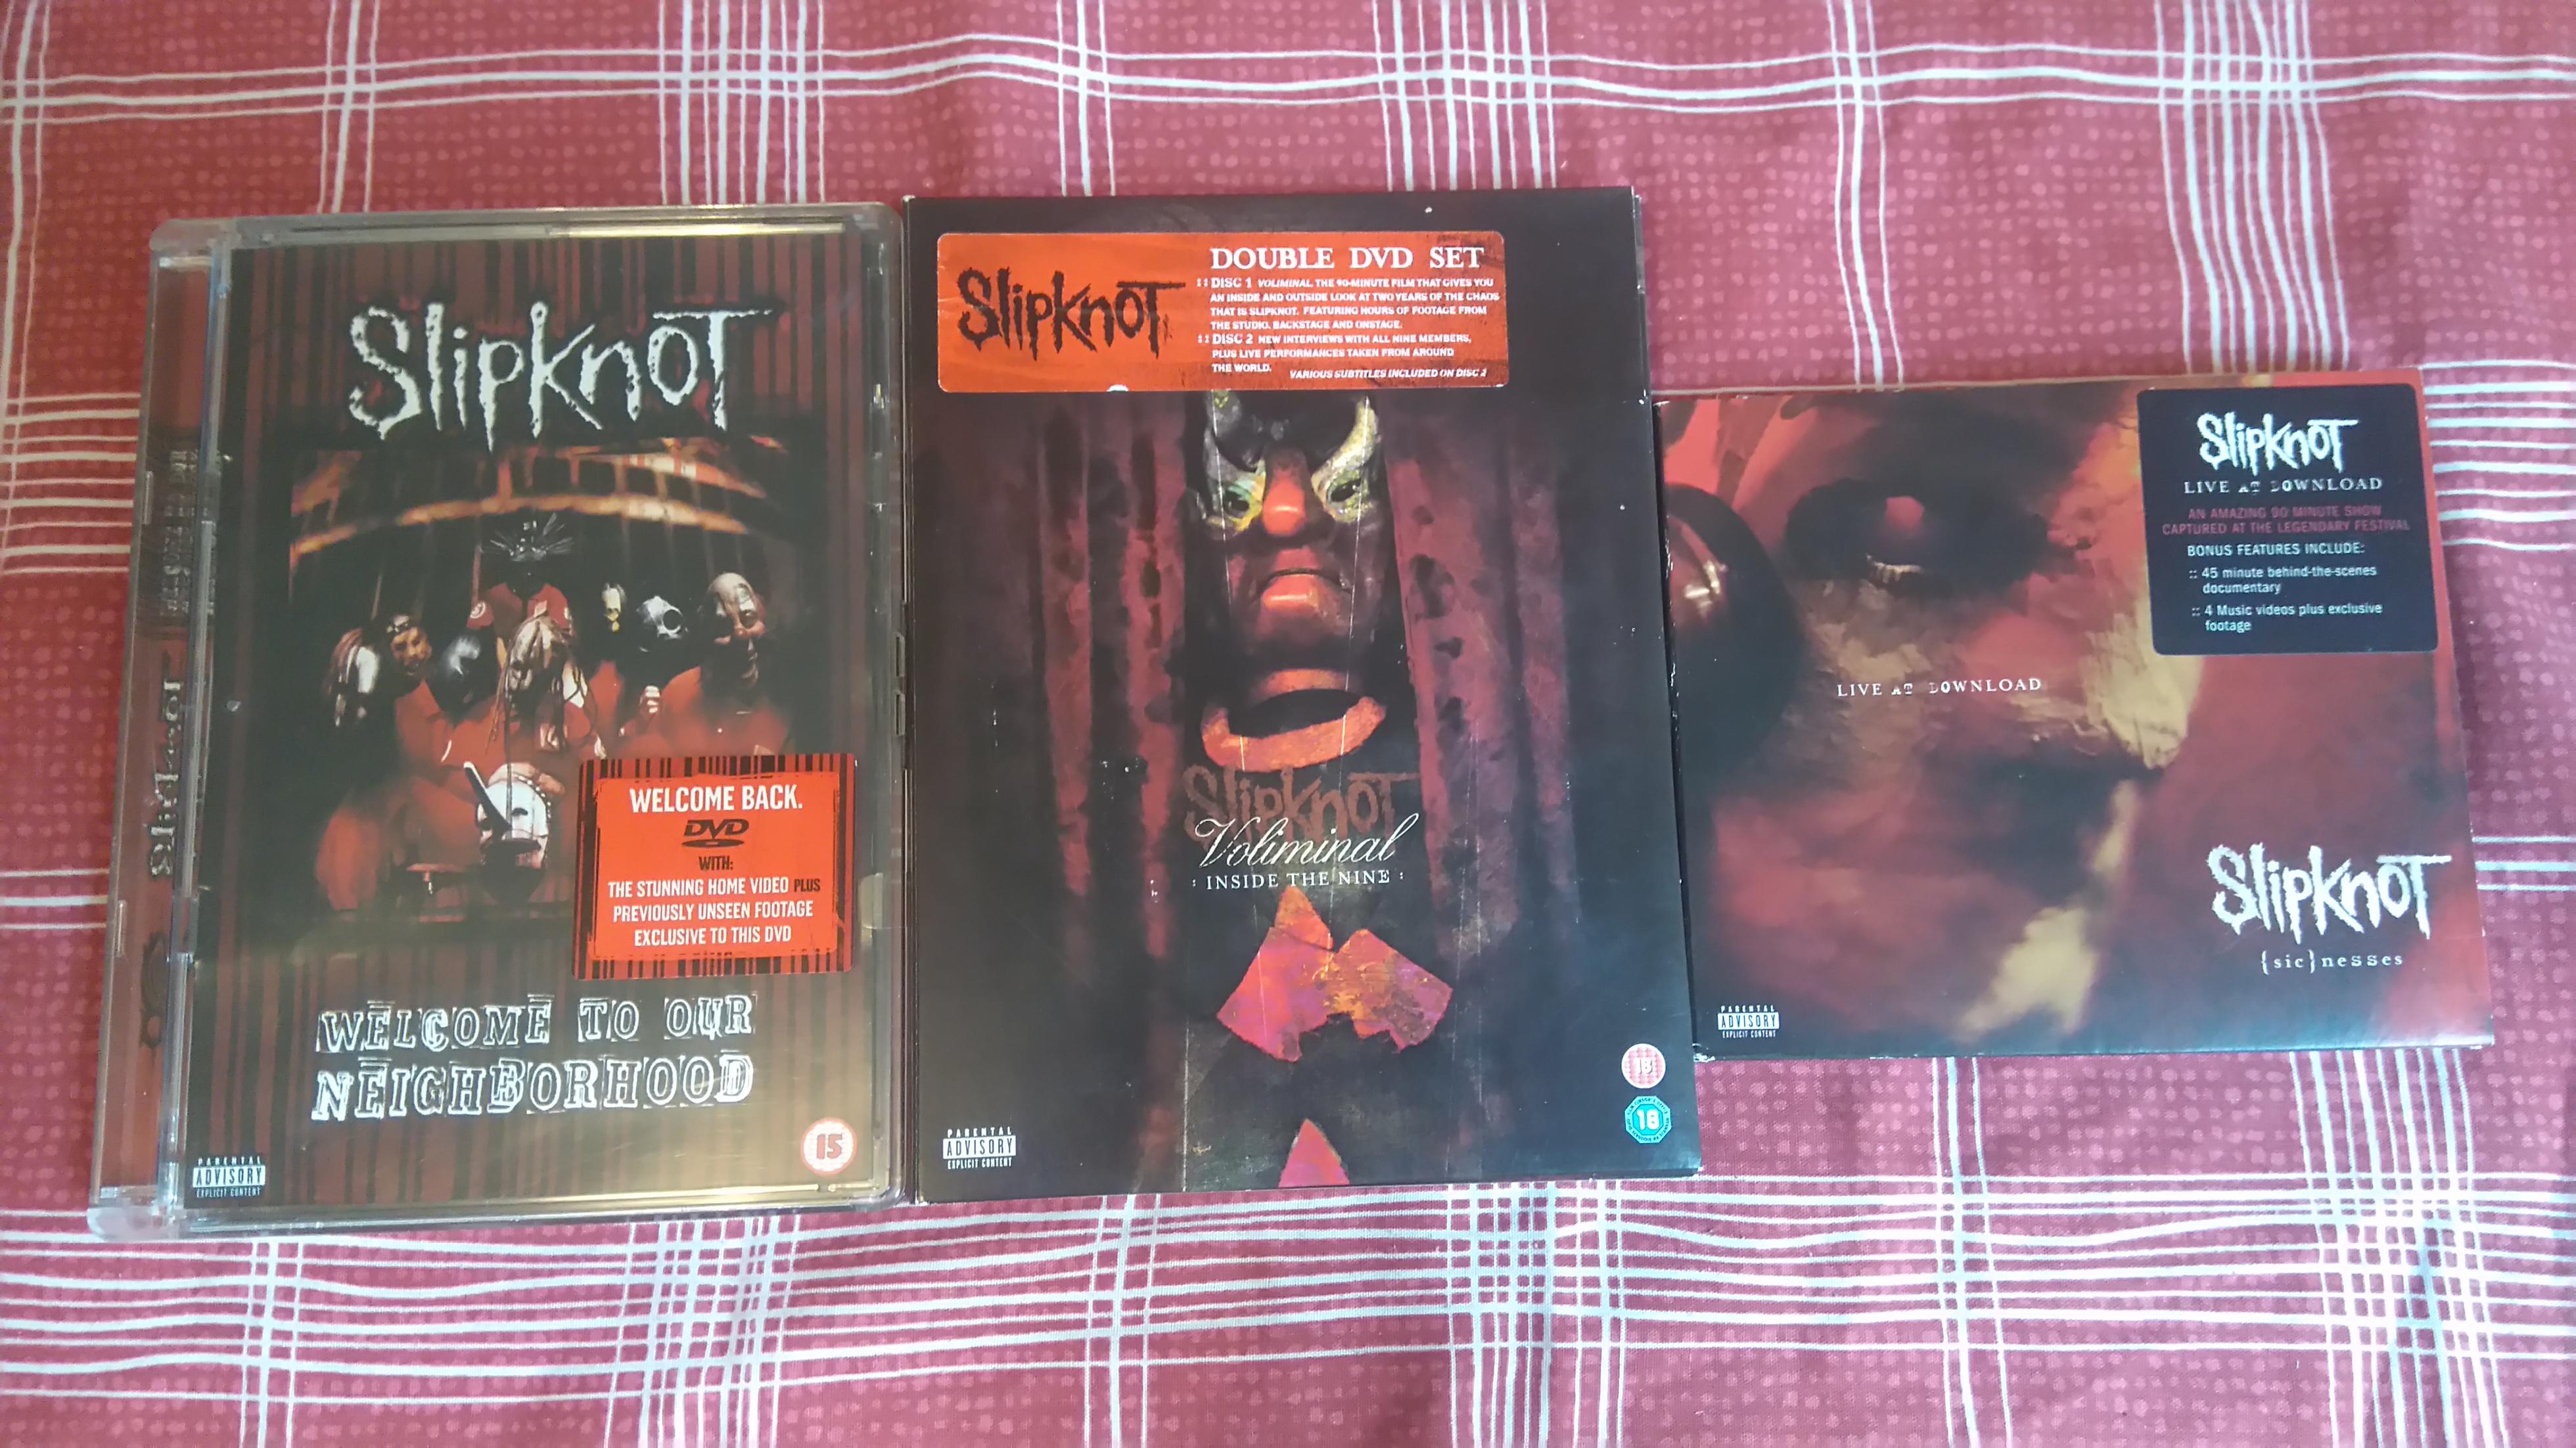 Slipknot Dvd.JPG